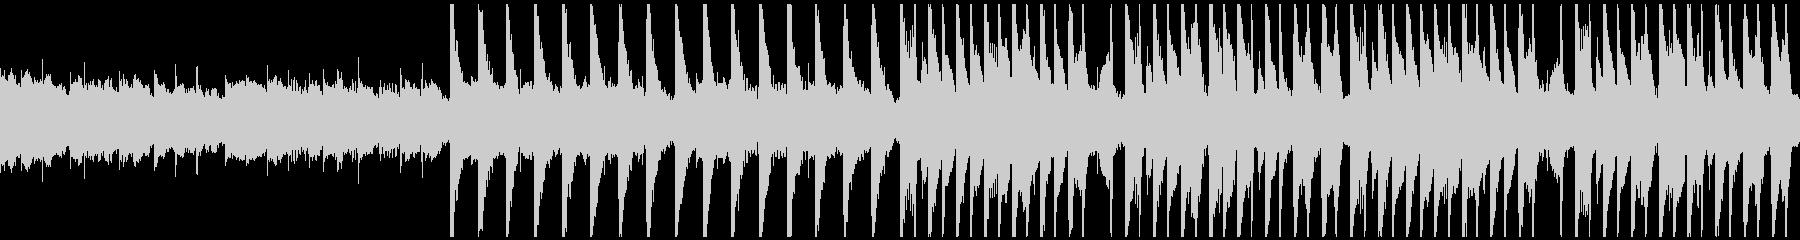 不気味な雰囲気のHouse(ループ版)の未再生の波形